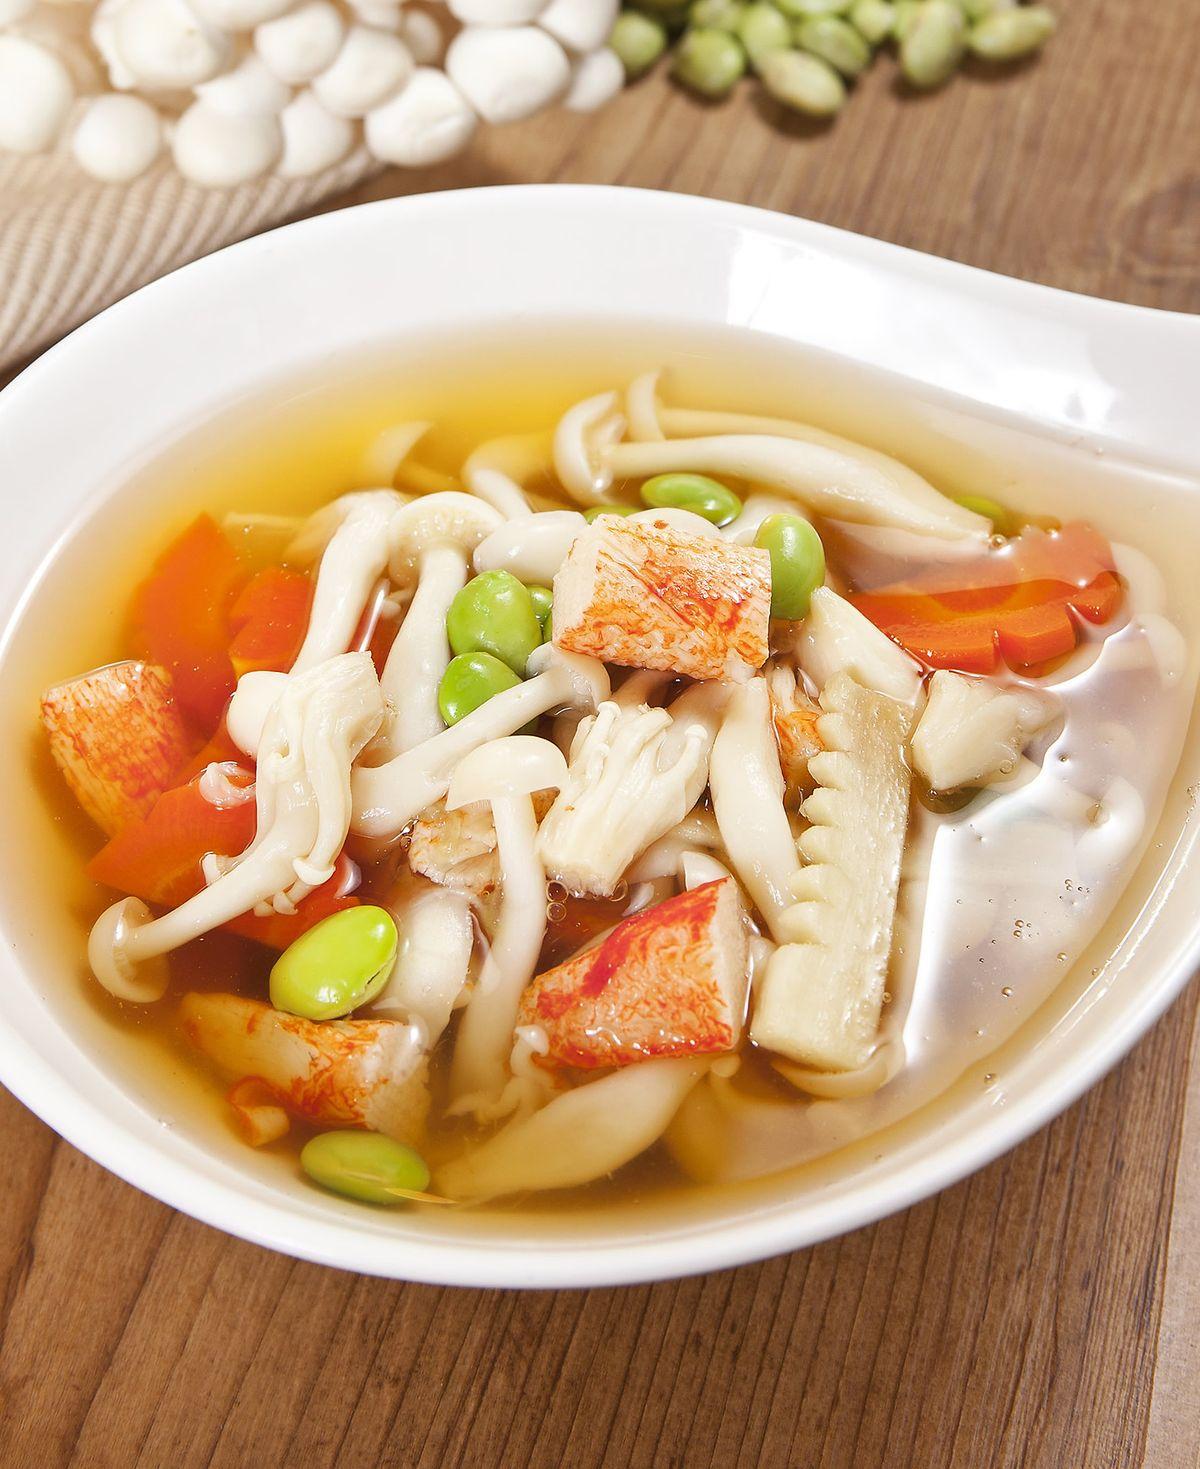 食譜:雪白菇蟹肉湯